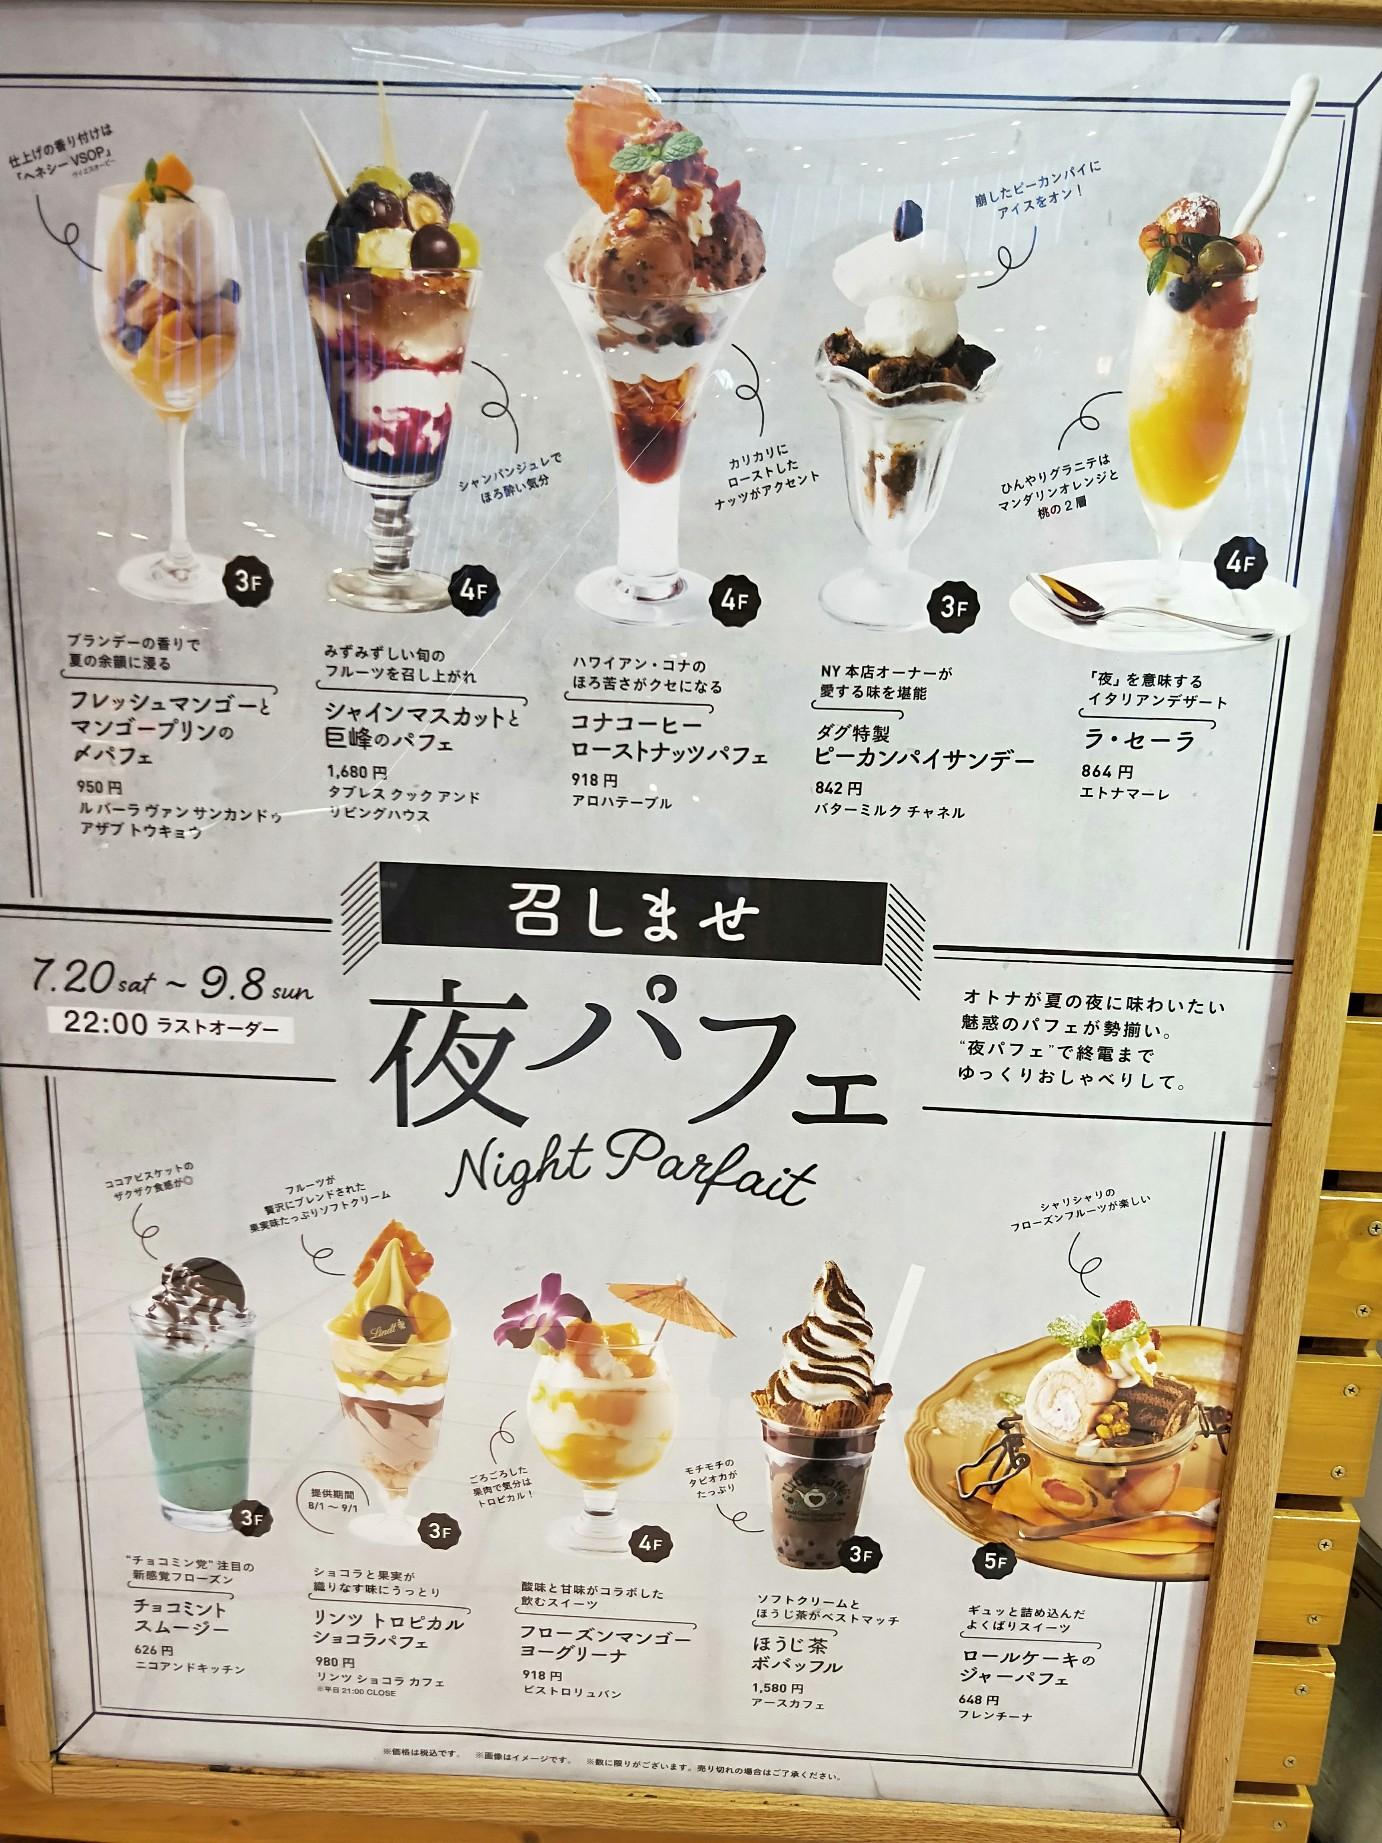 【横浜】ランタンナイト と 夜パフェ で終電まで遊んじゃおう_5